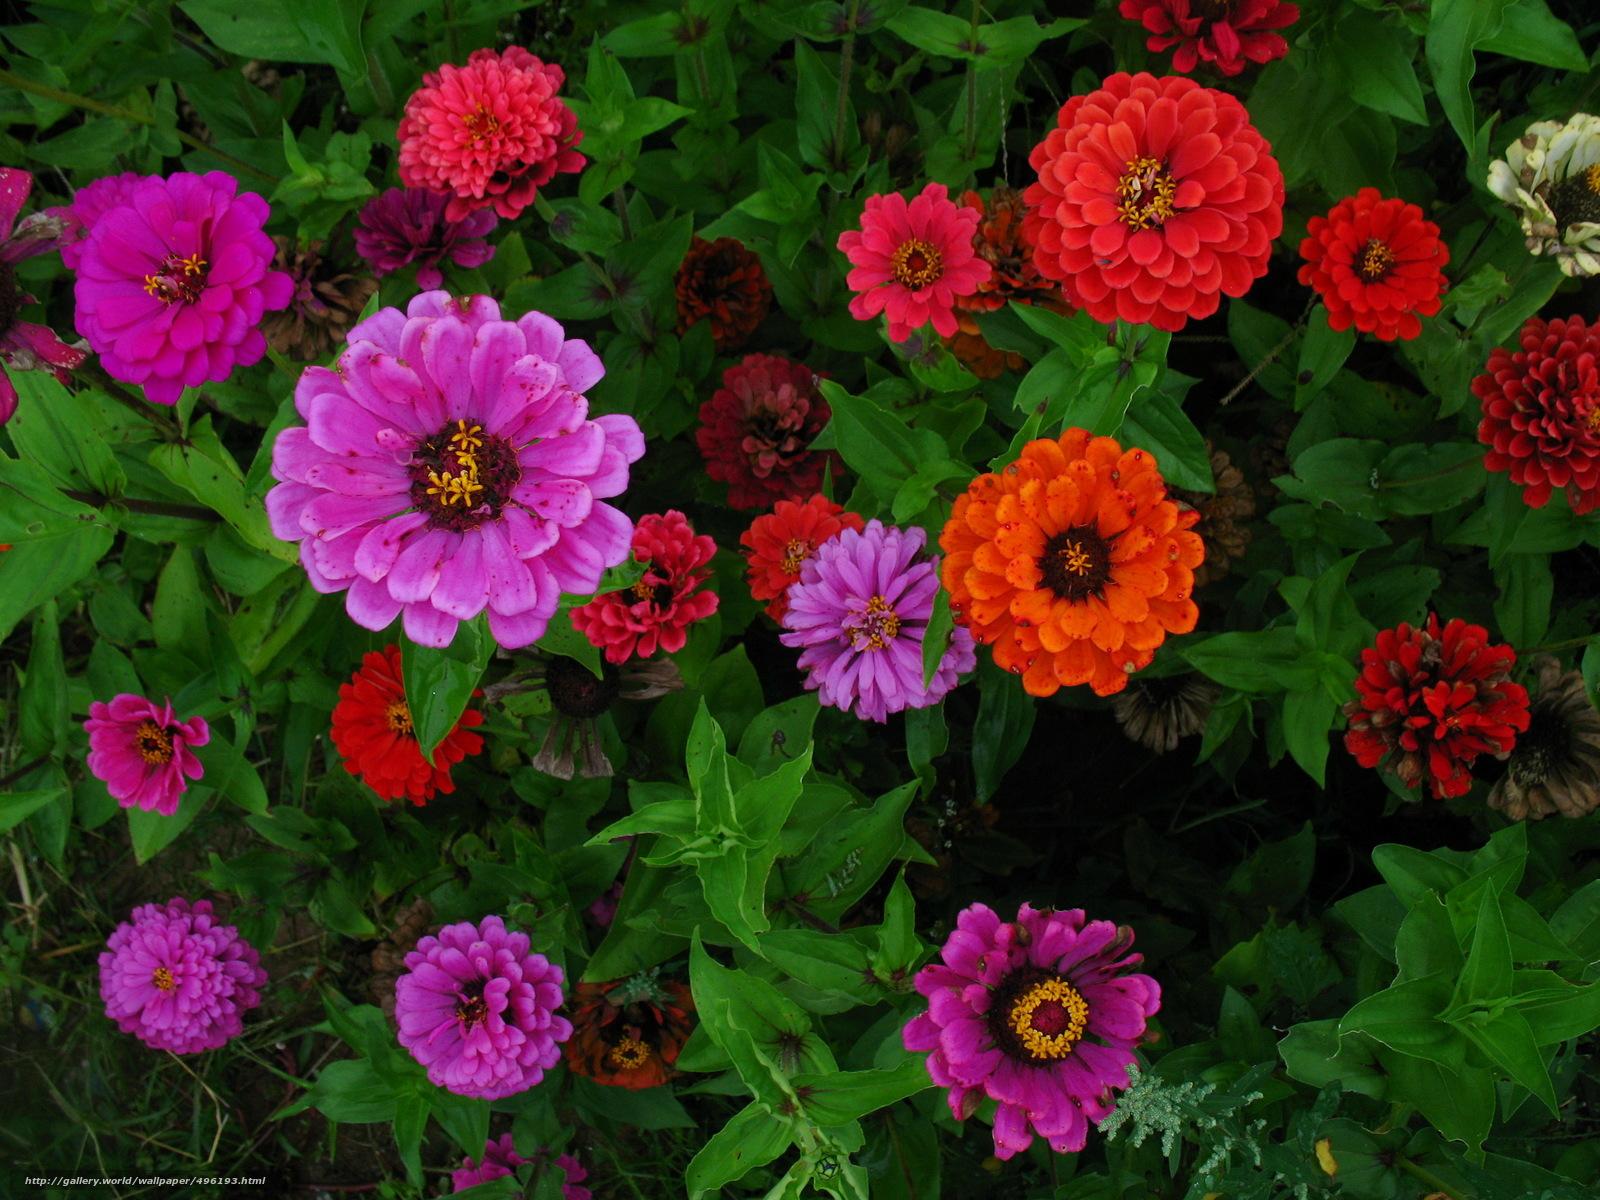 Tlcharger Fond d'ecran zinnias,  (Major),  Fleurs Fonds d'ecran gratuits pour votre rsolution du bureau 2304x1728 — image №496193